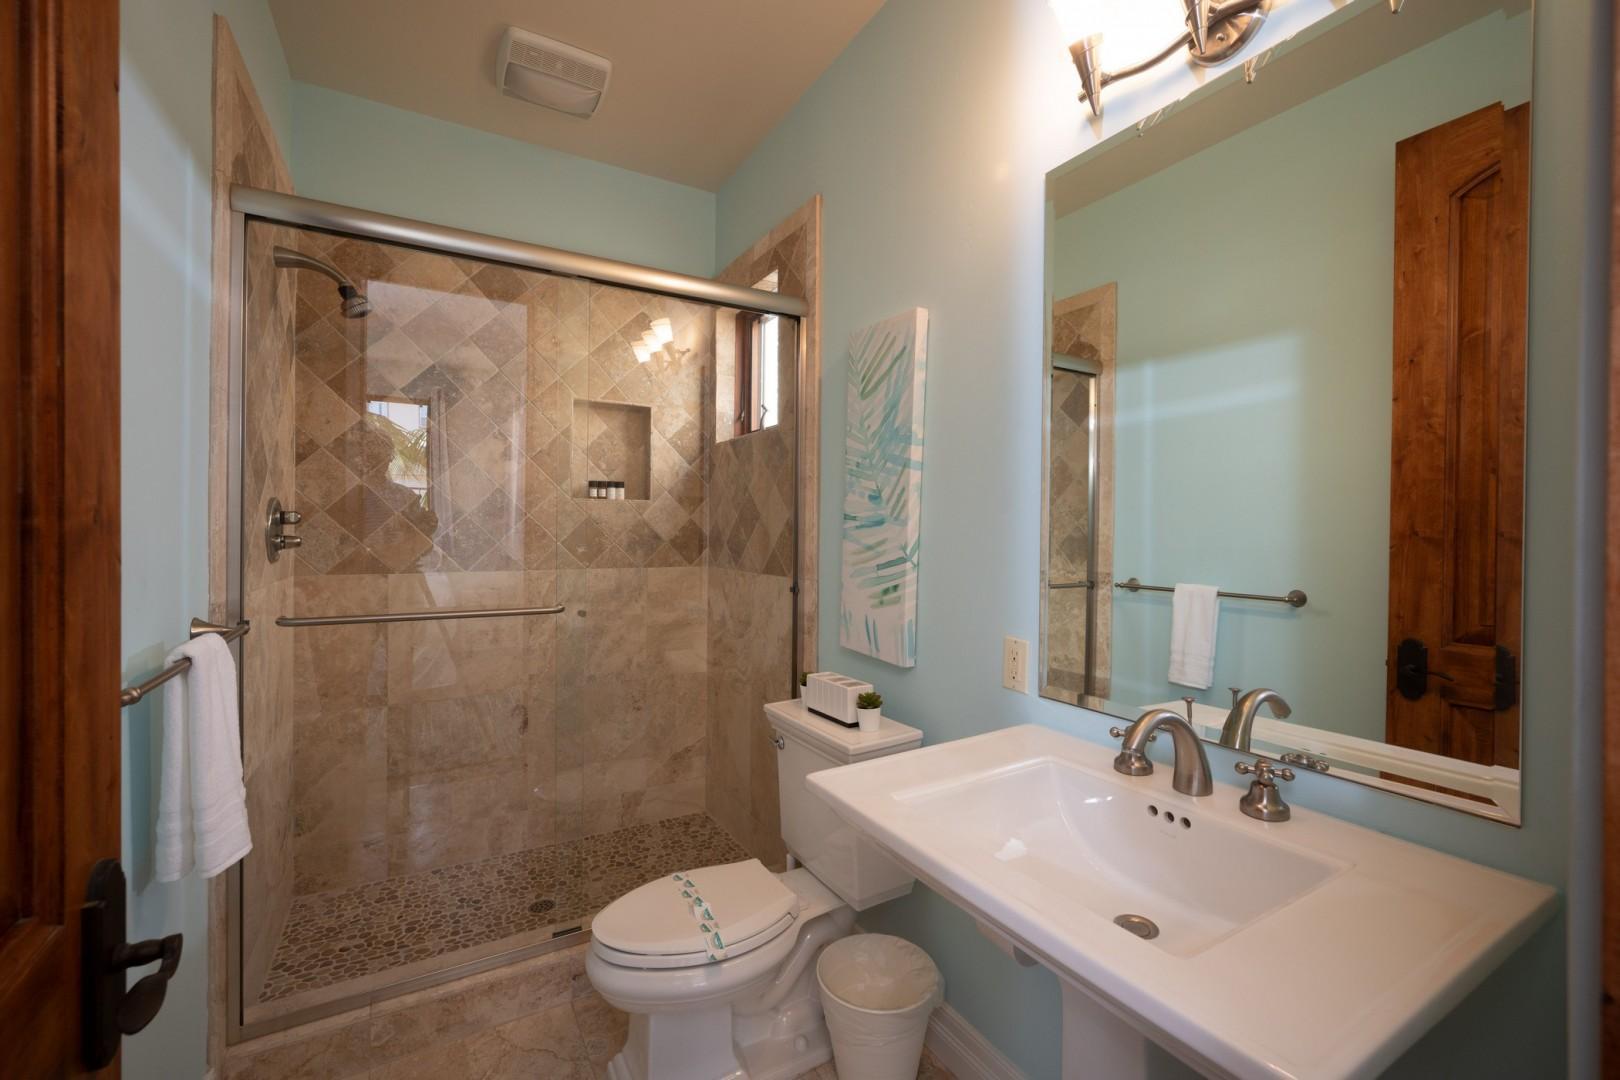 5556-Calumet-Ave-Airbnb-10